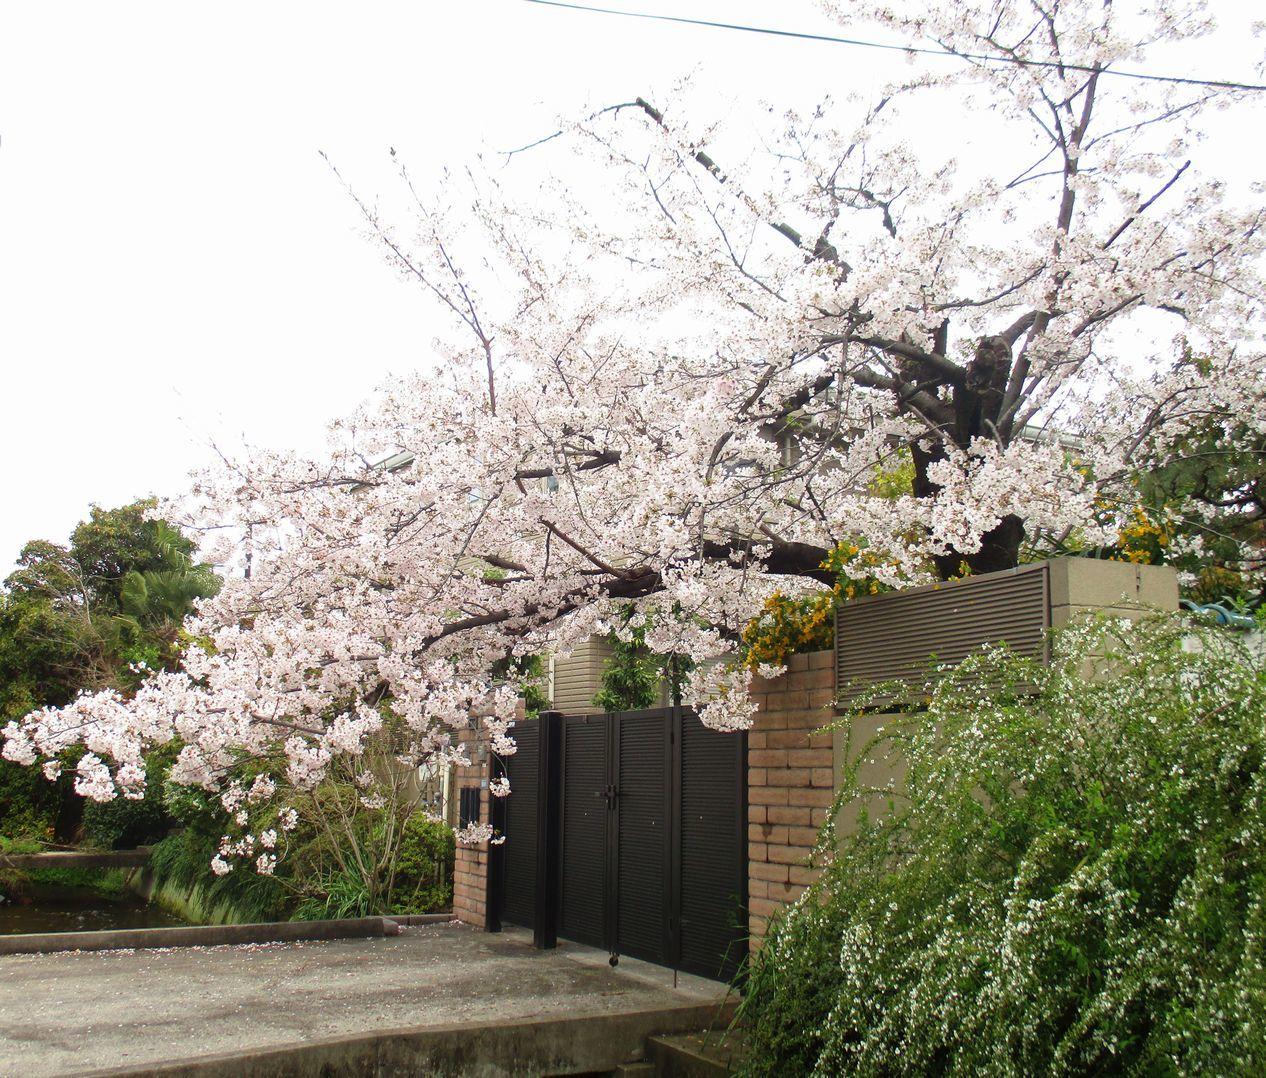 21「春風駘蕩桜爛漫」